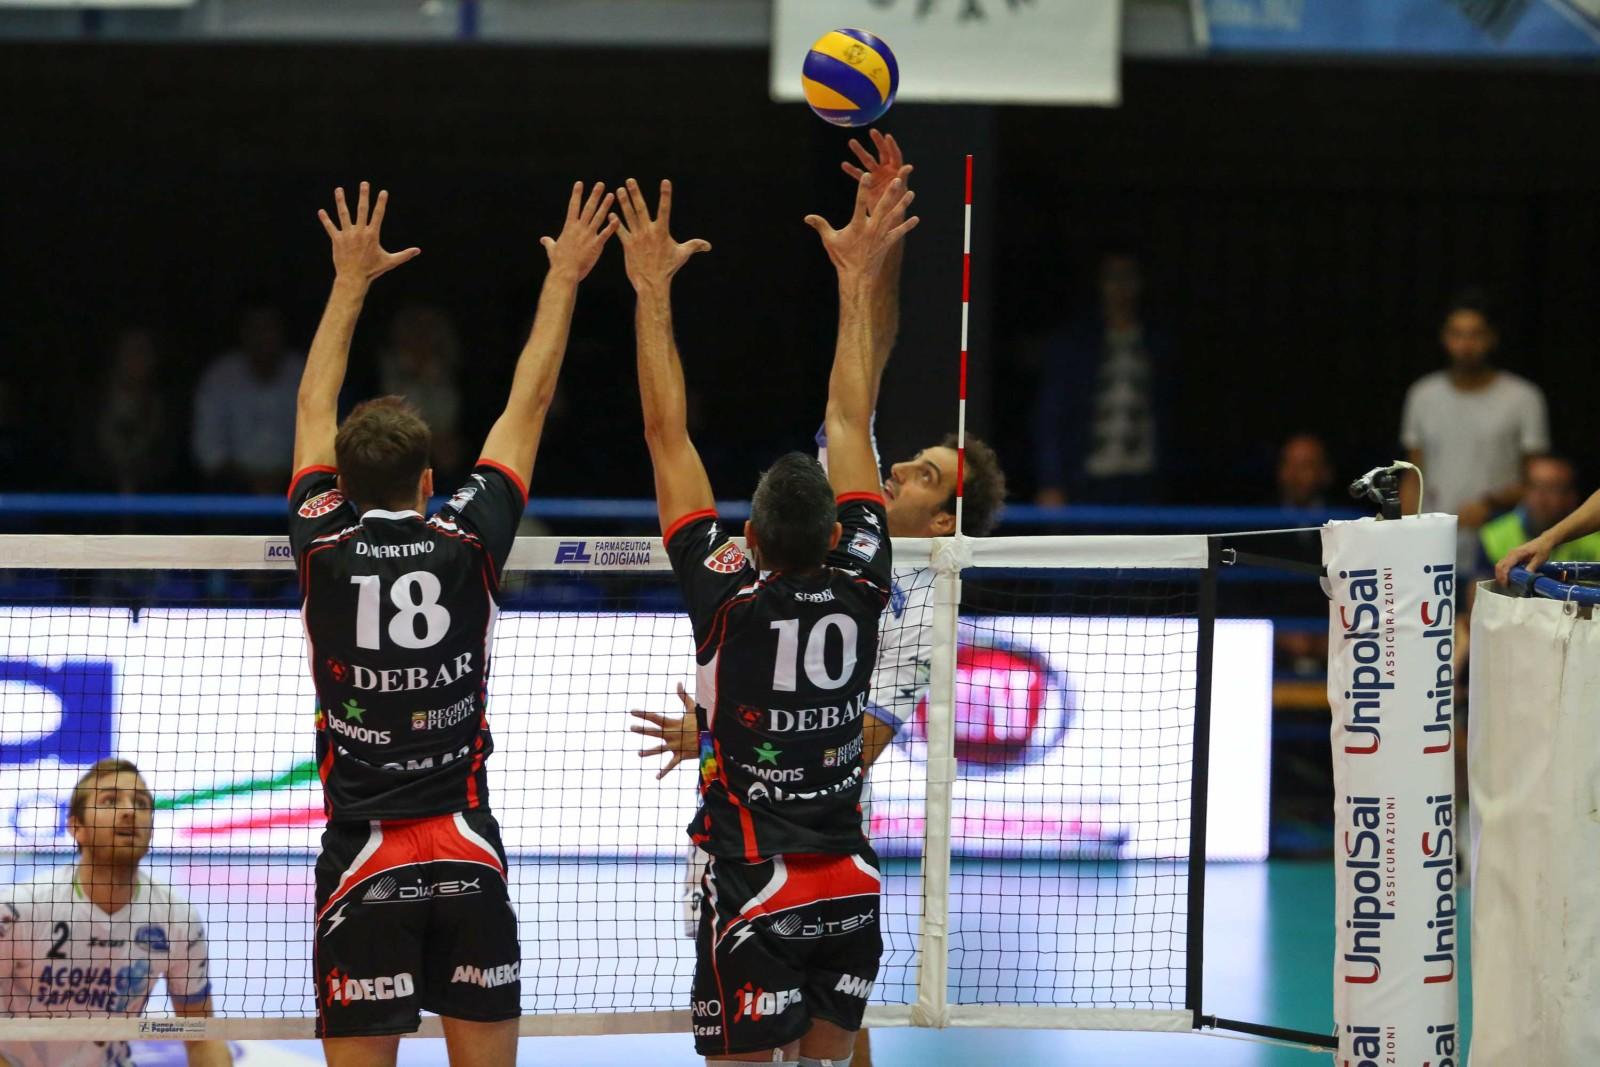 Volley la top latina conquista un punto a molfetta 3 2 - Punto casa molfetta ...